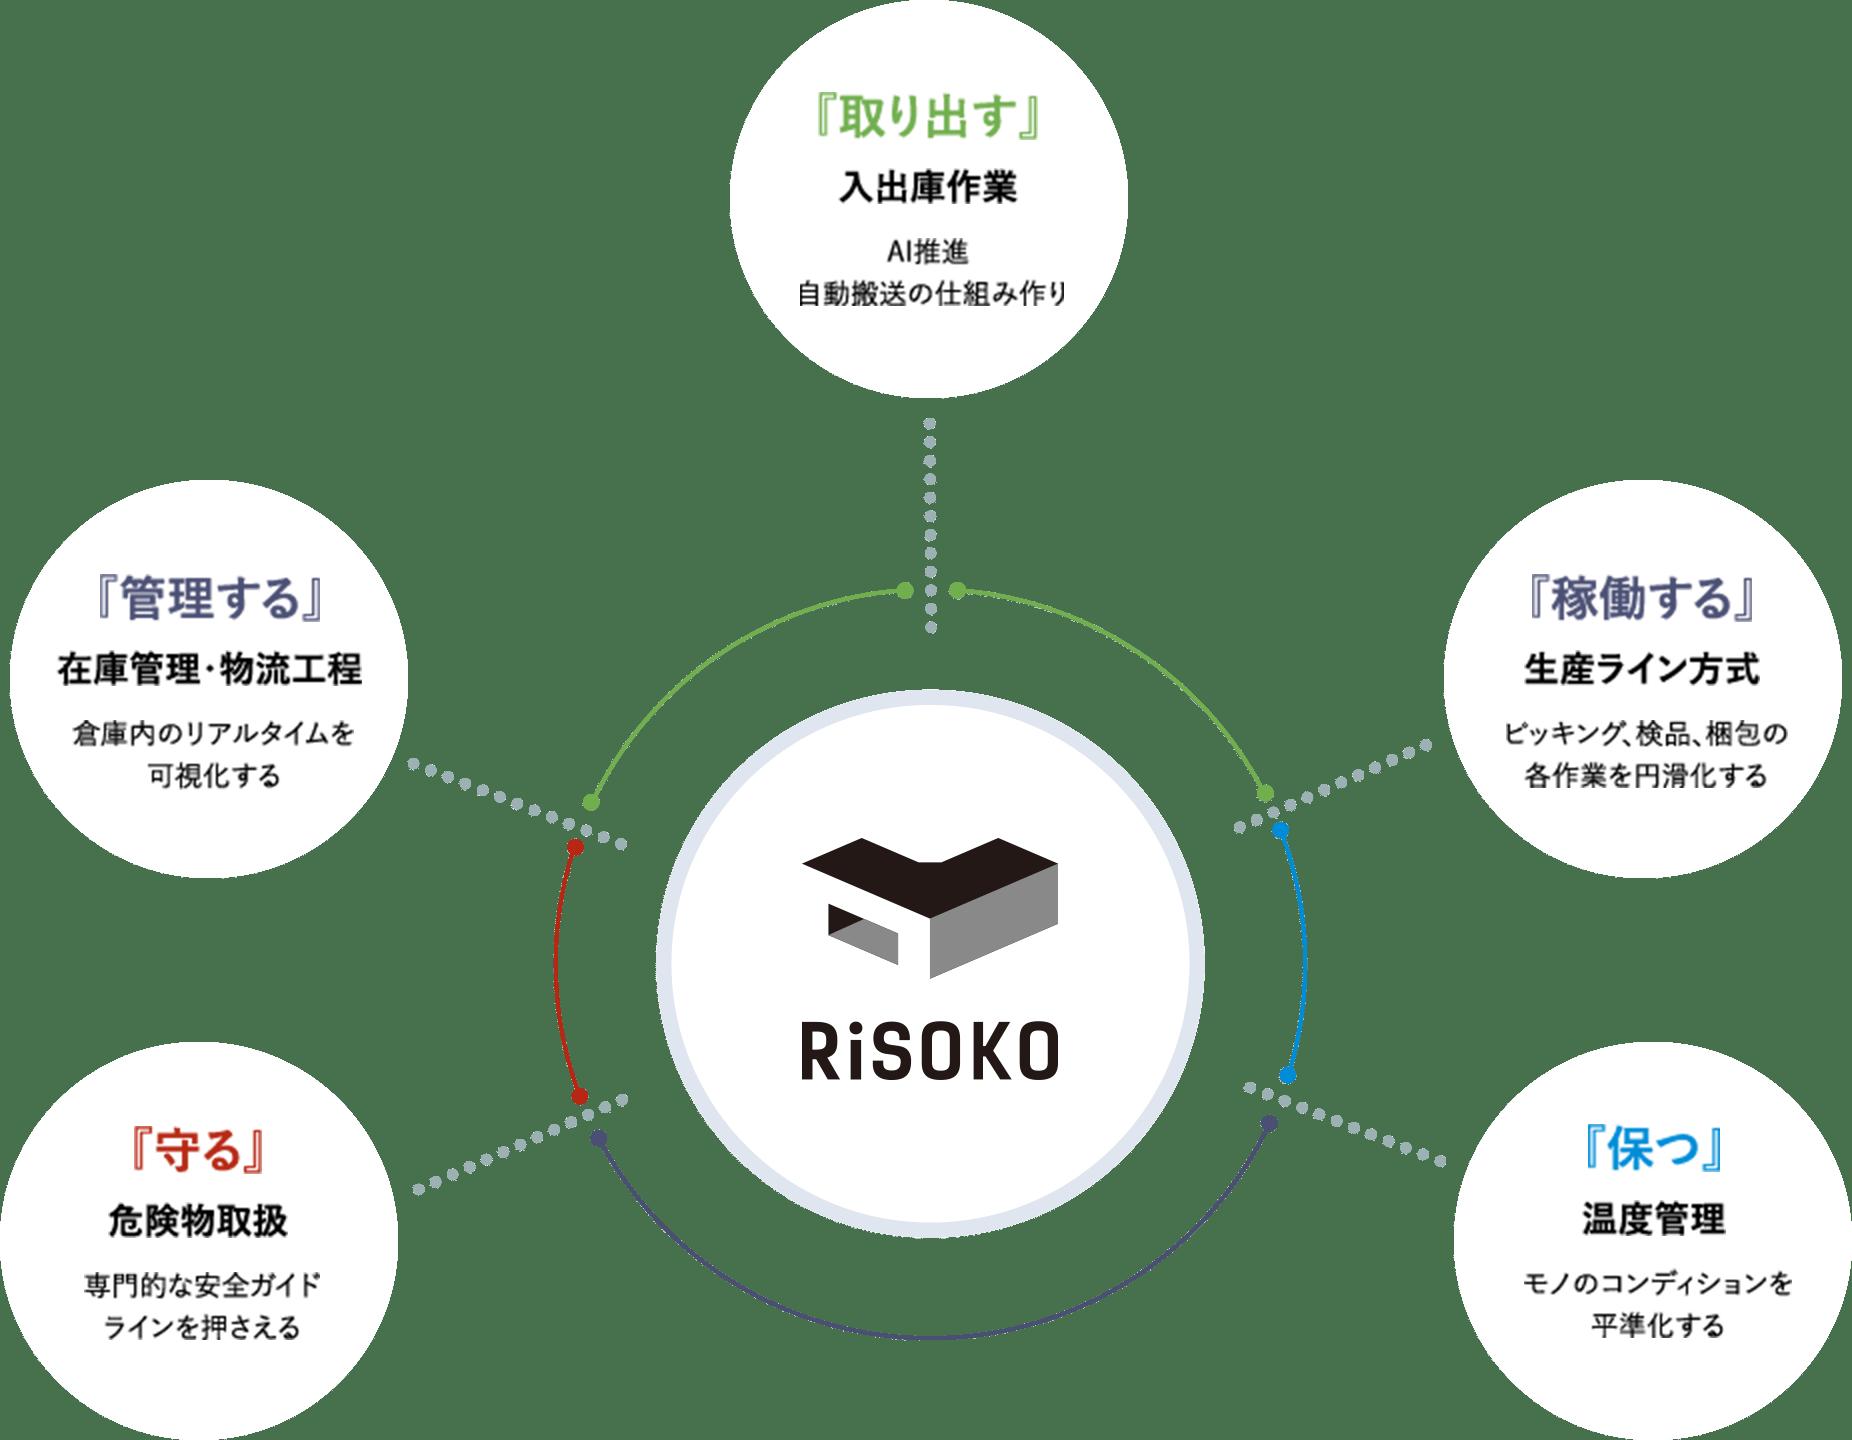 倉庫を知る RiSOKOの考え方